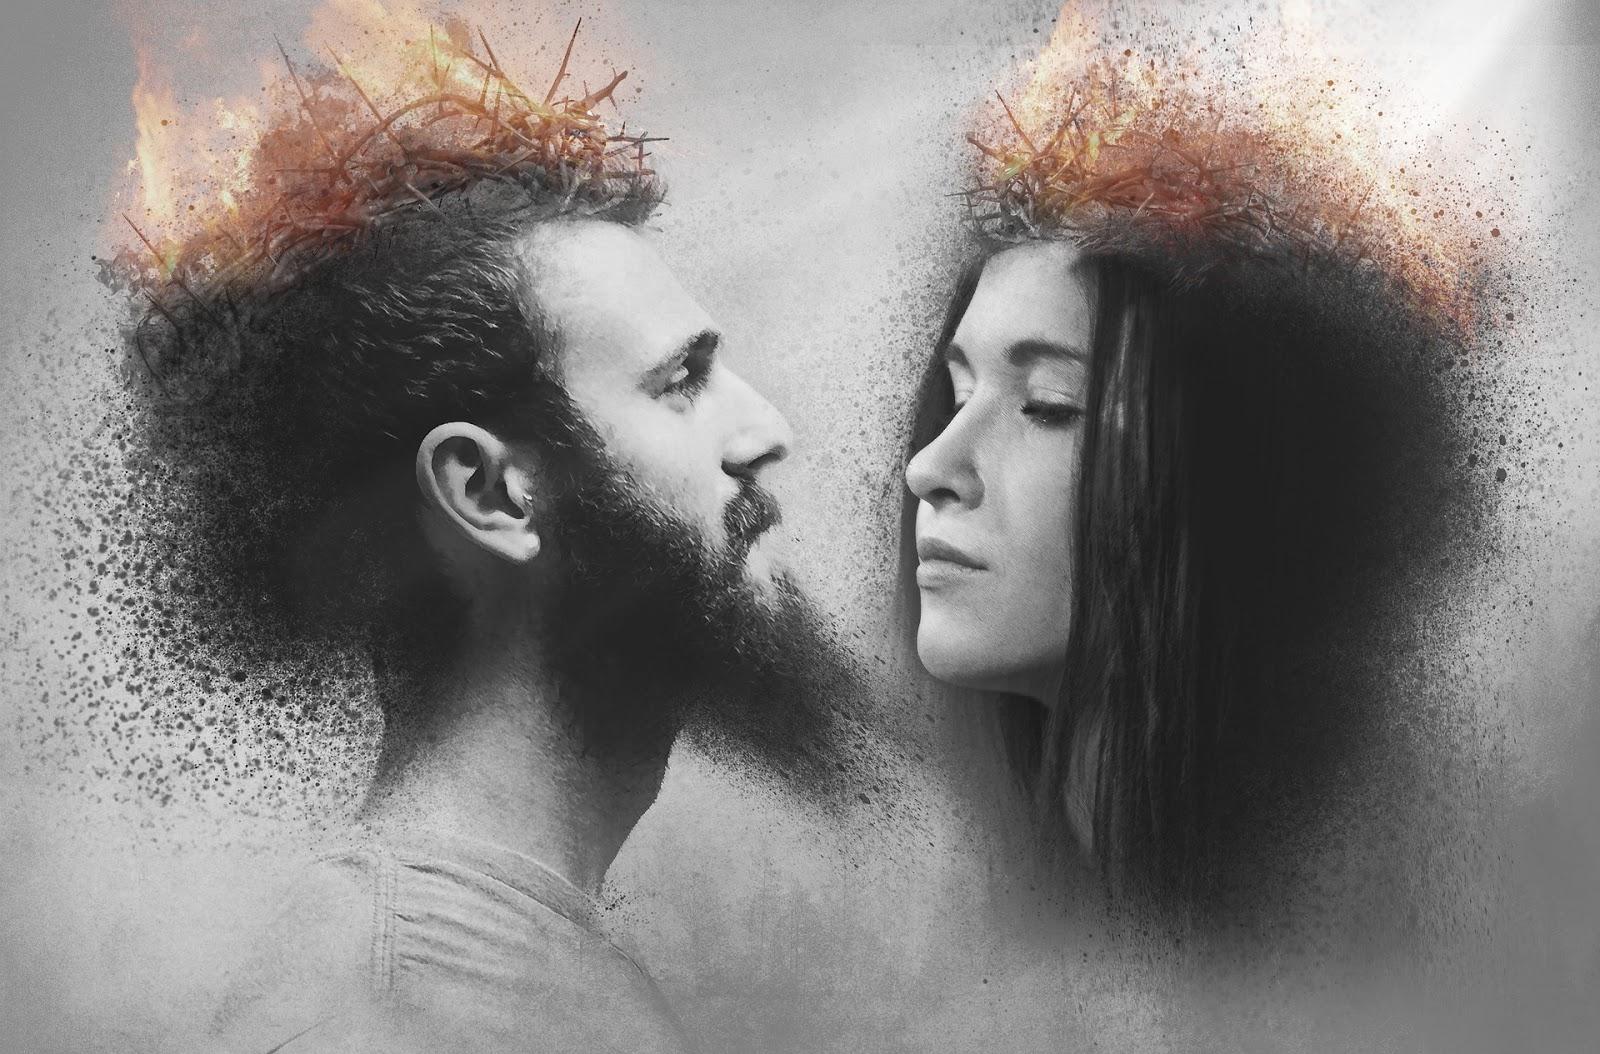 Love Breakup के 27 कारण -  Main Reasons for Love Breakup in Hindi